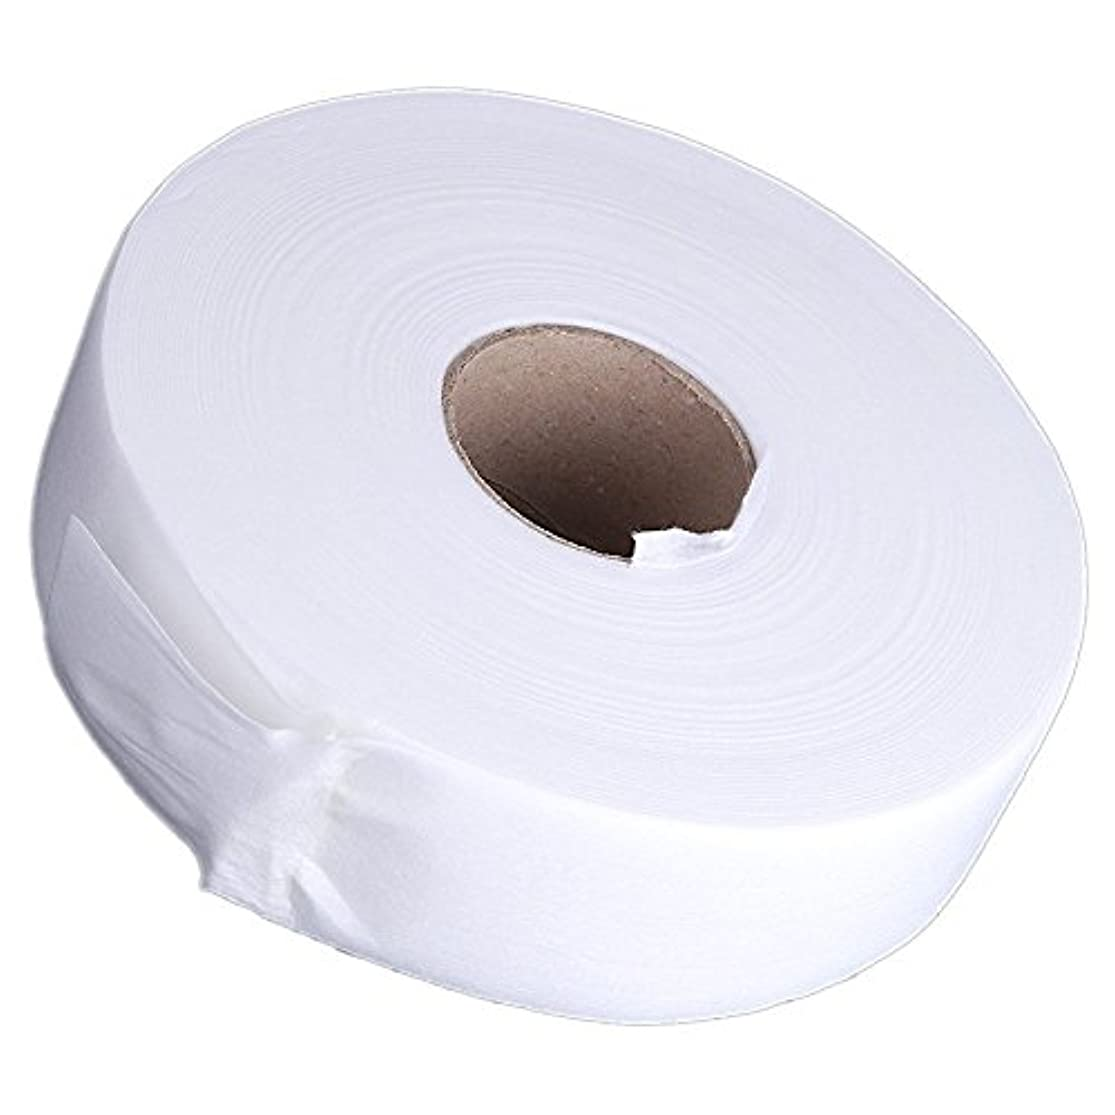 肯定的カテゴリーアソシエイトCUHAWUDBA 100ヤードの脱毛紙脱毛ワックスストリップ 不織布ペーパーワックスロール(白)